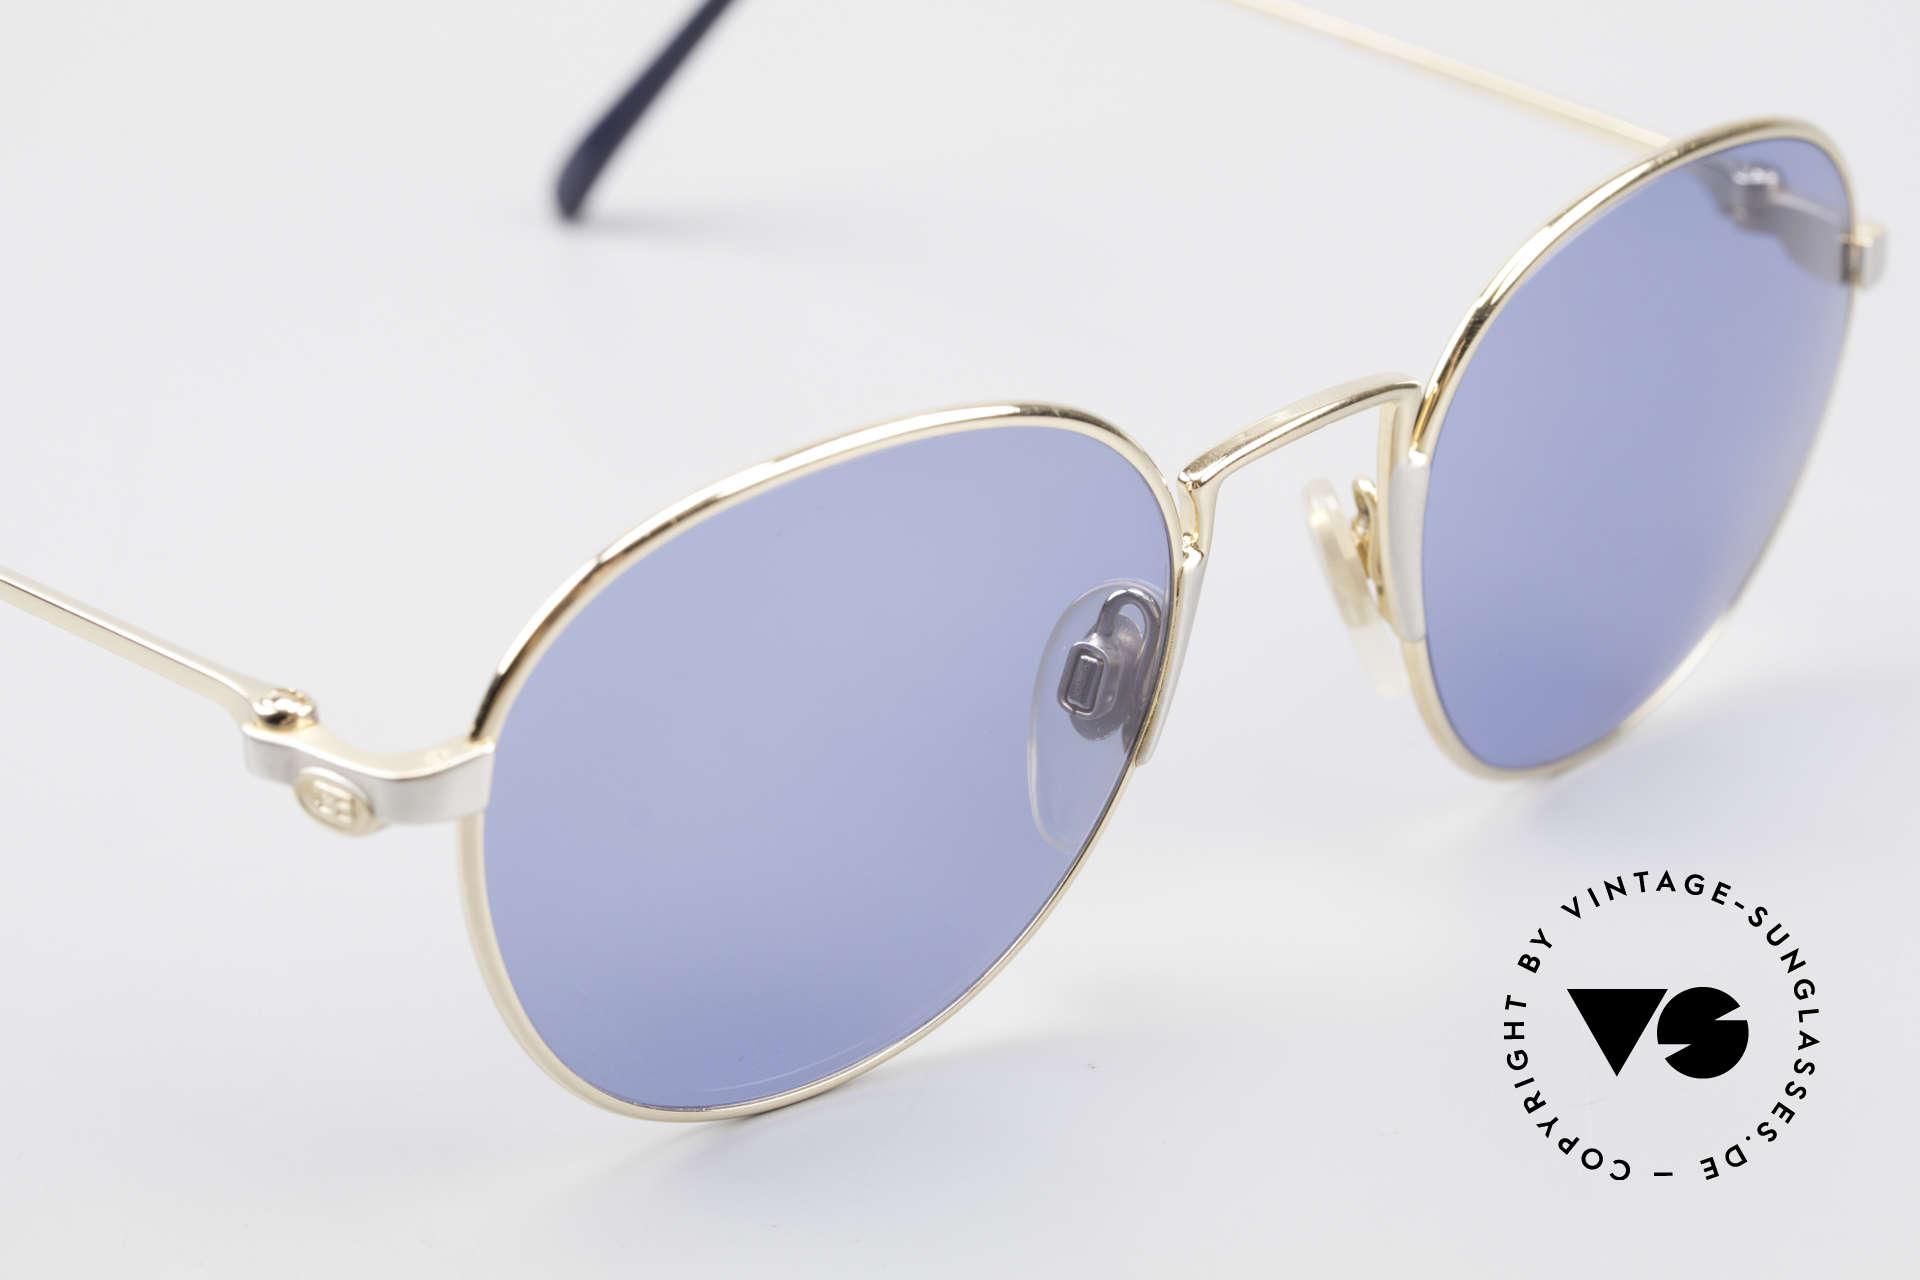 Bugatti EB600 Luxury Bugatti Panto Glasses, unworn (like all our rare vintage Bugatti sunglasses), Made for Men